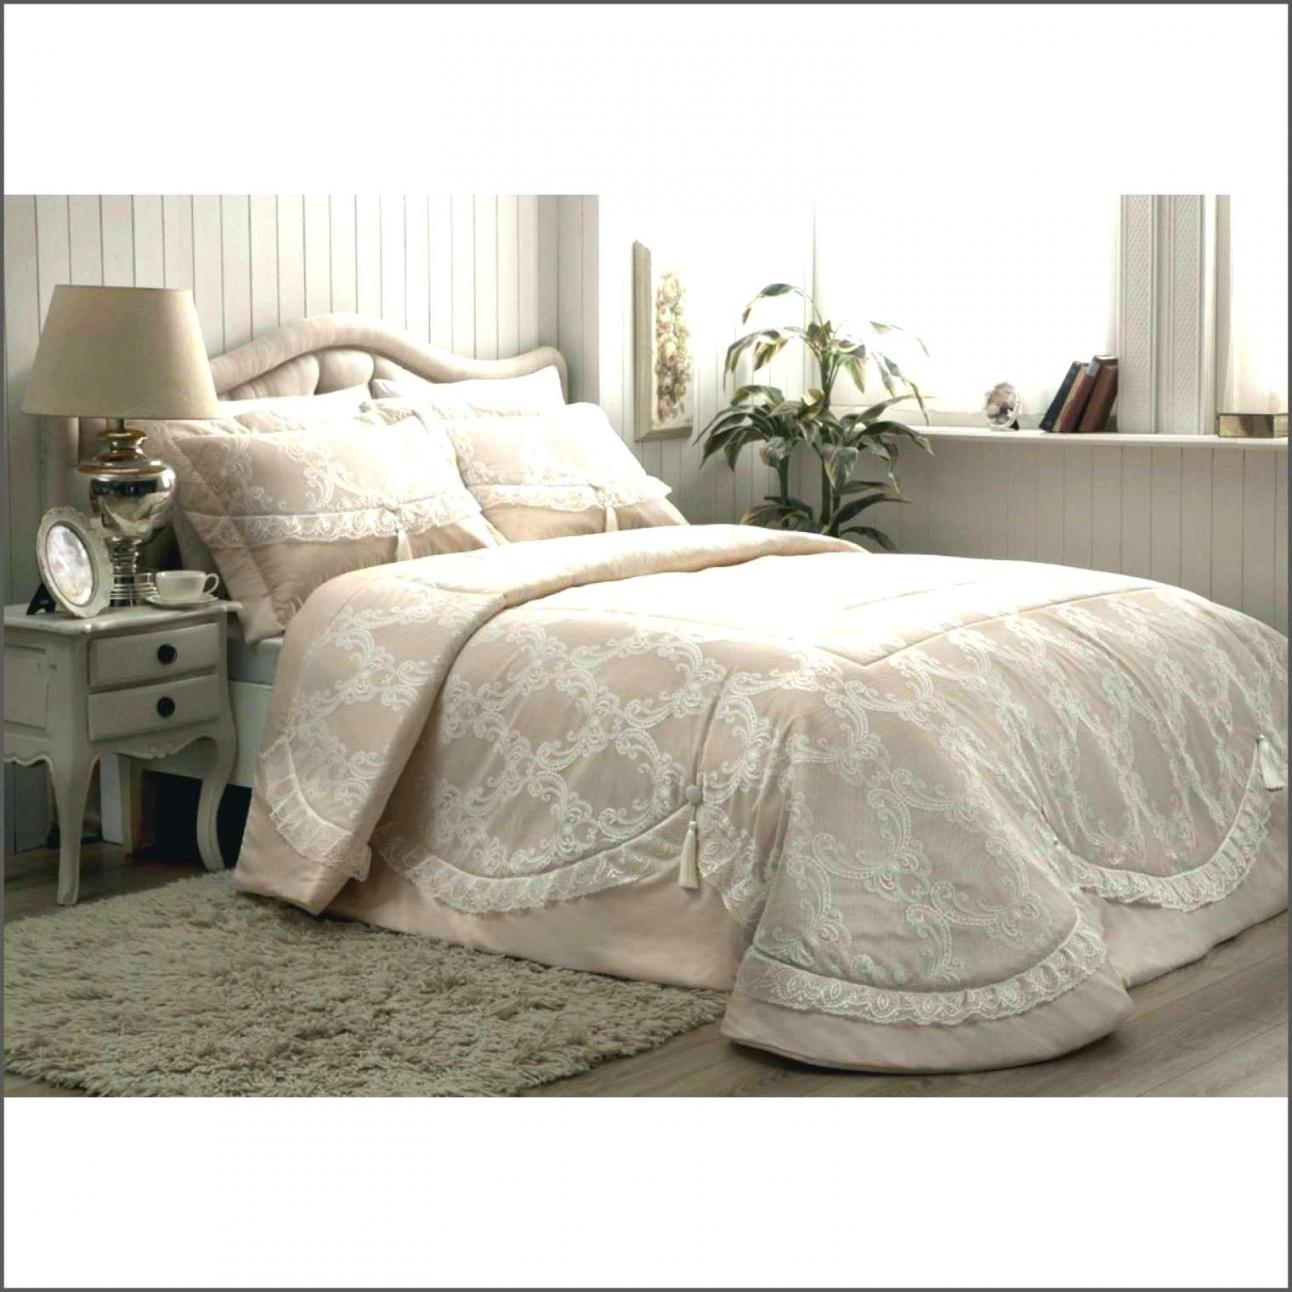 Haus Möbel Tagesdecke Bett 180x200 Fur Einzigartig Beste Ideen Von